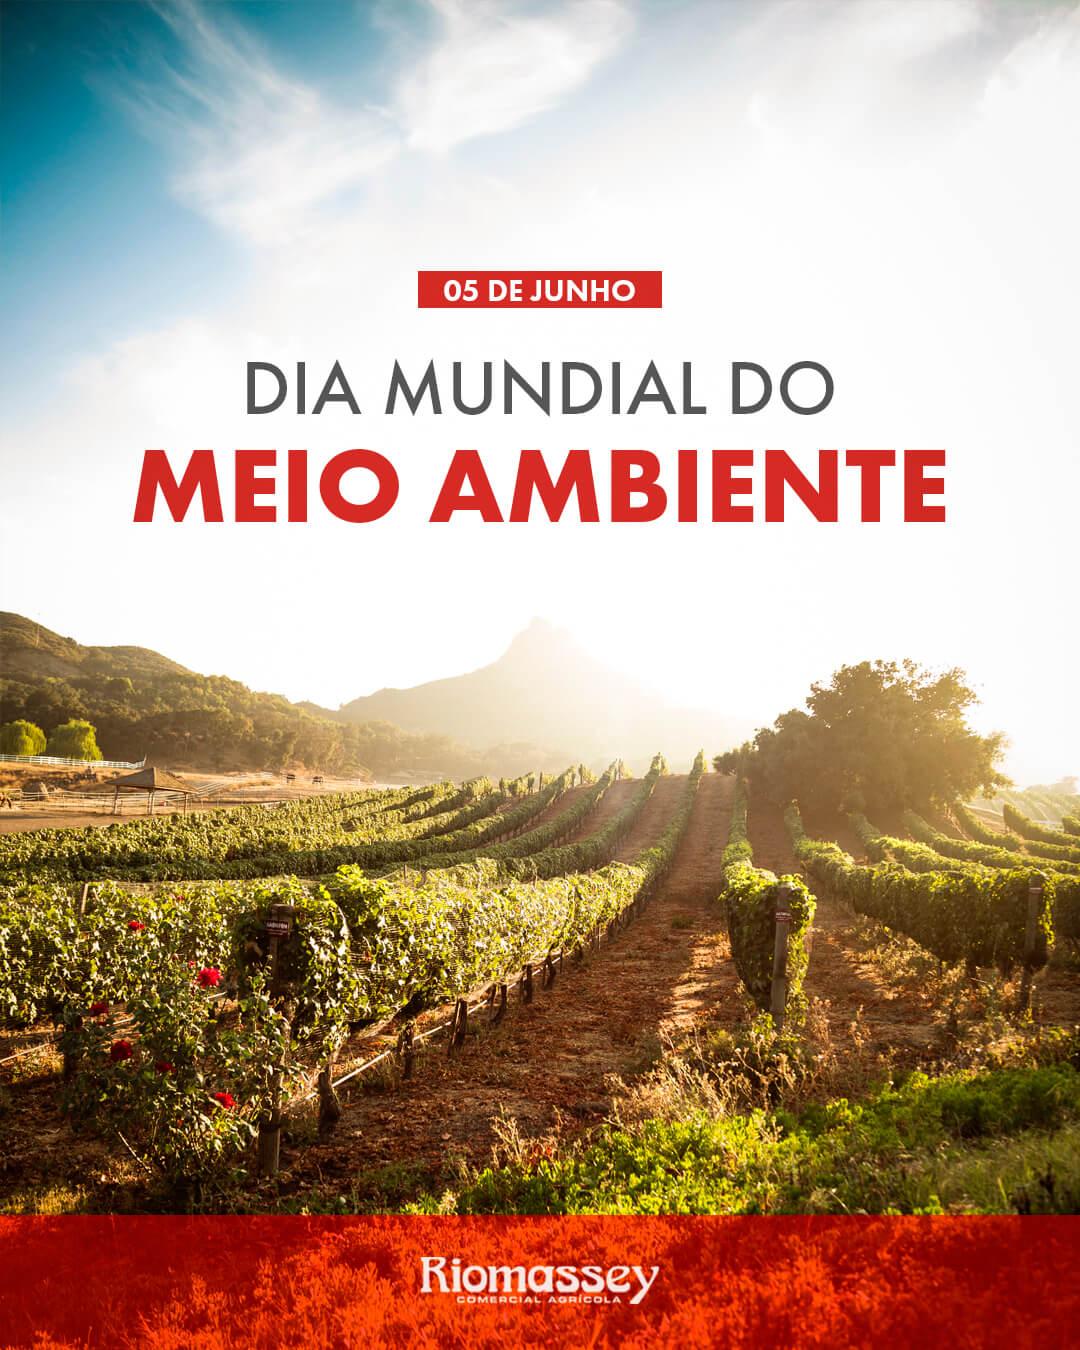 RIOMASSEY - Dia Mundial do Meio AMBIENTE